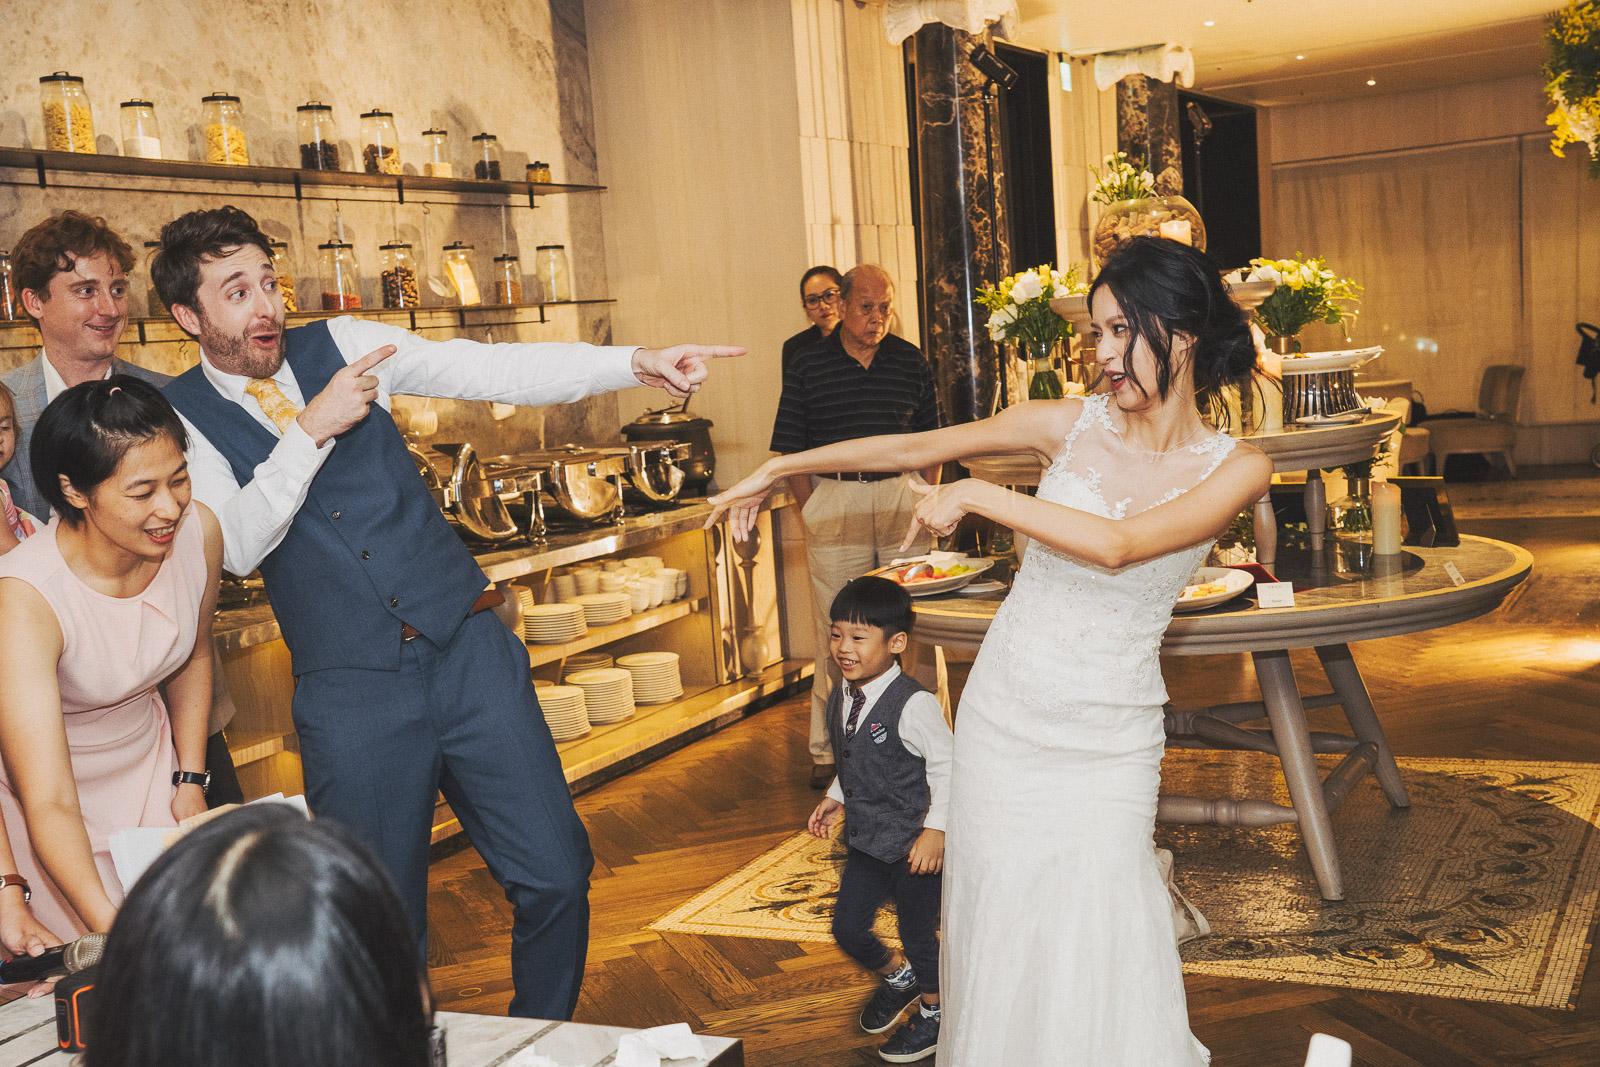 婚禮攝影師,美式婚禮,跳舞